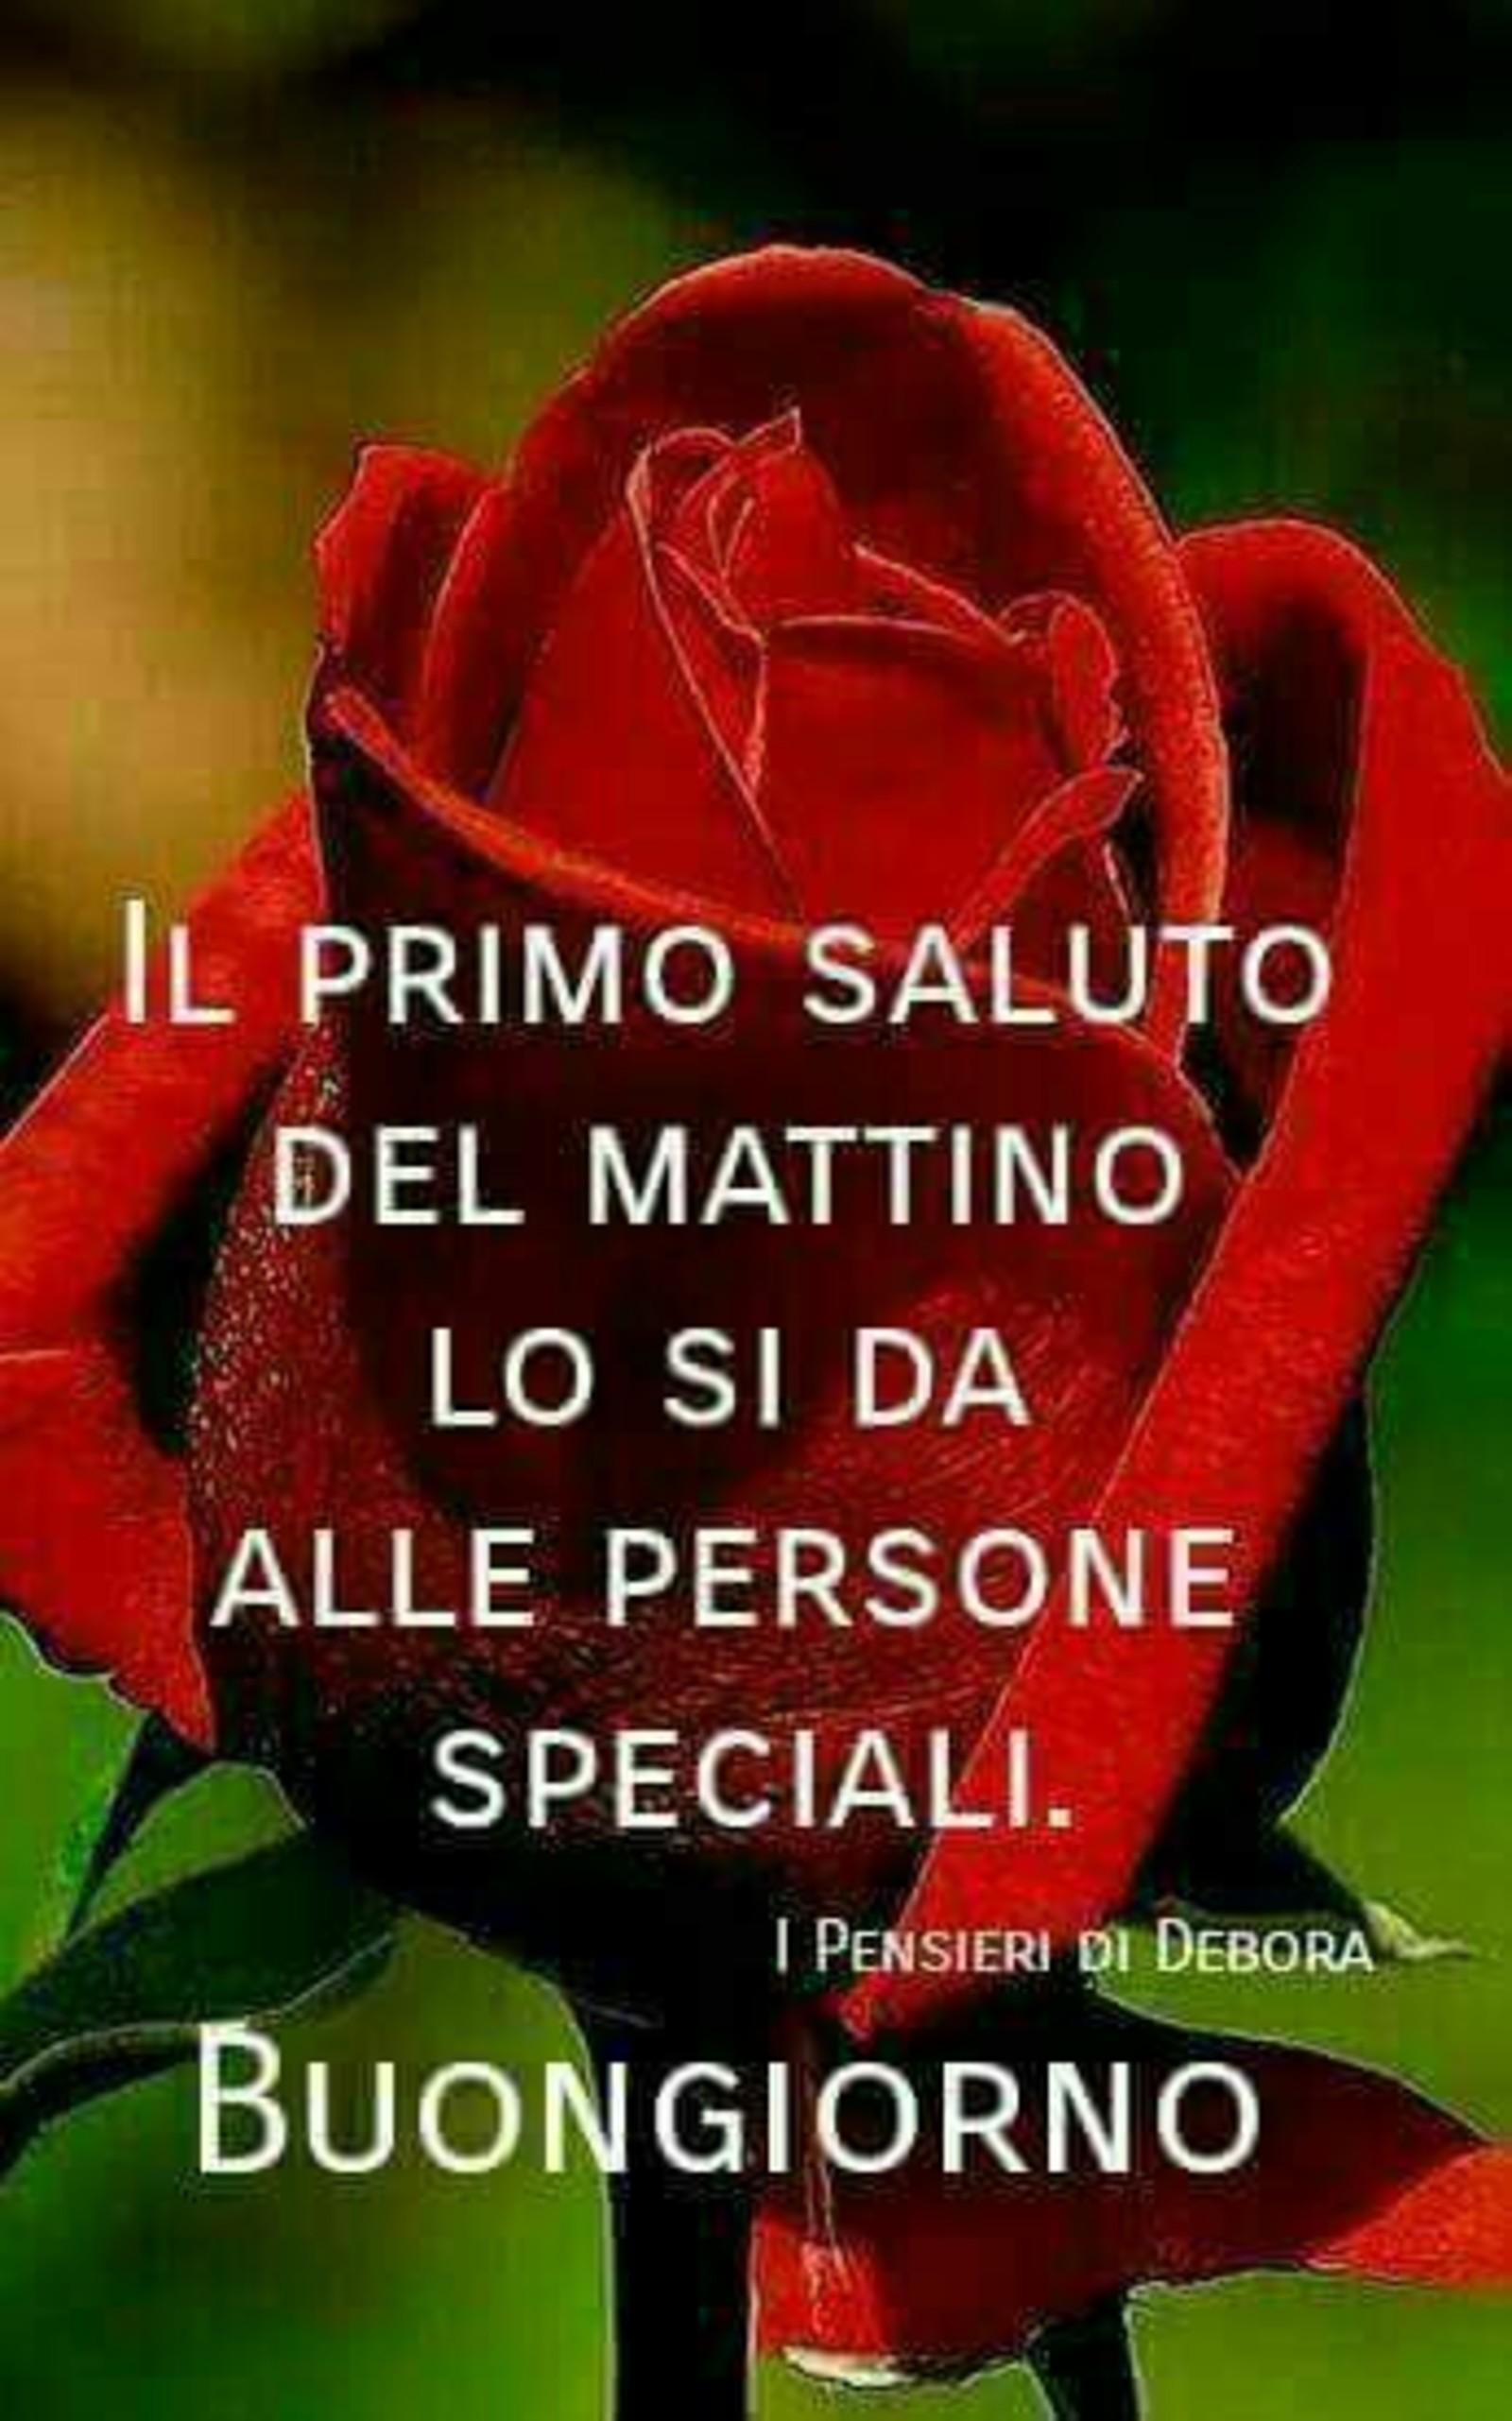 Buongiorno Speciale per il mio amore 57